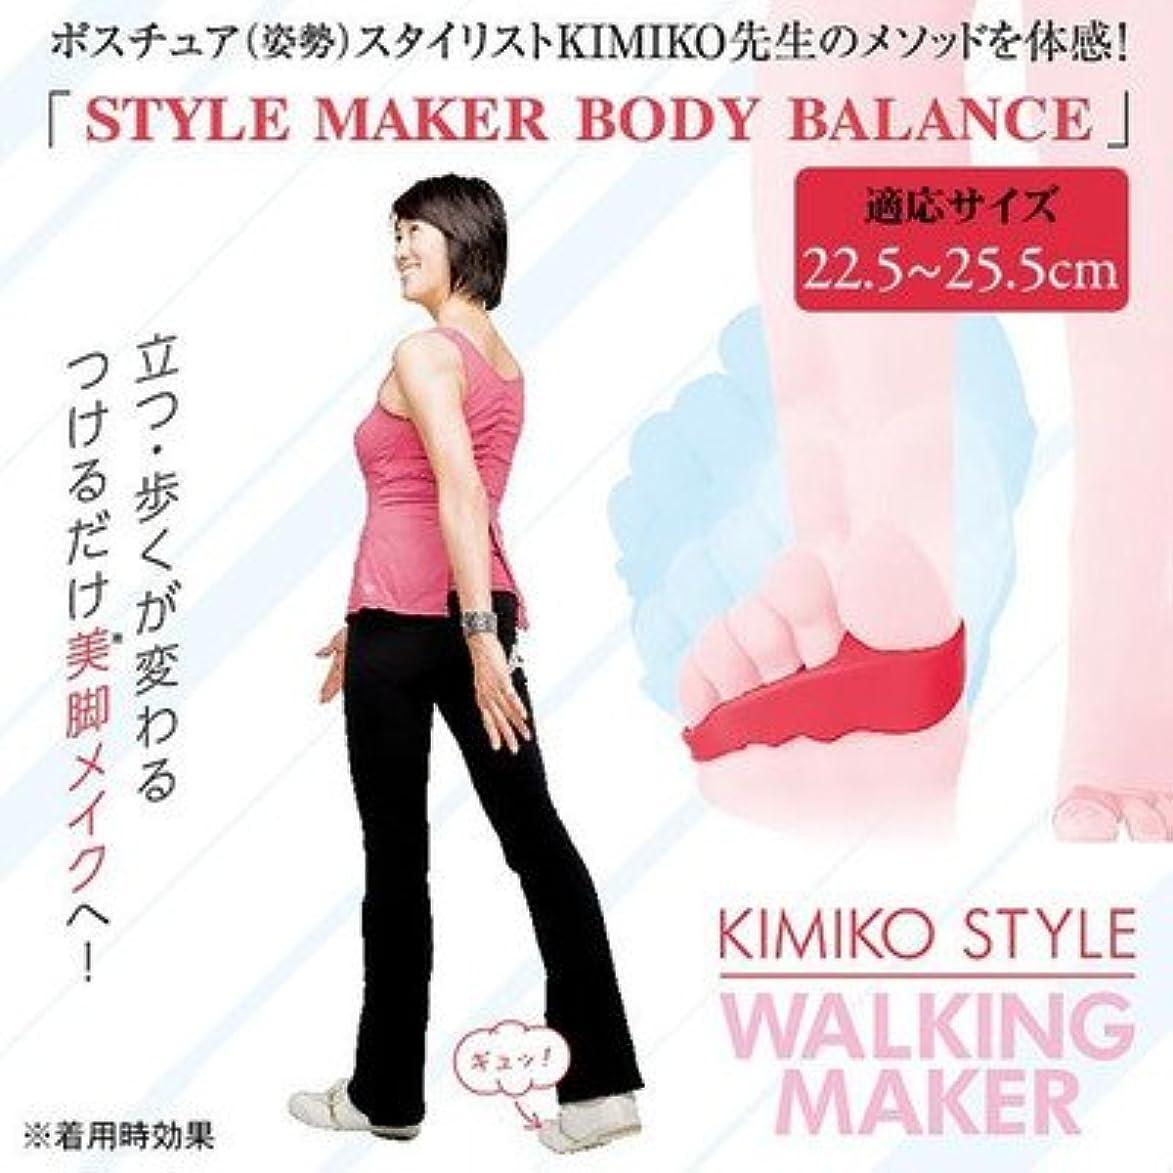 オフェンス圧力退却付けて歩いて 正しい歩行姿勢へナビゲート KIMIKO STYLE キミコスタイル WALKING MAKER ウォーキングメーカー 1足入